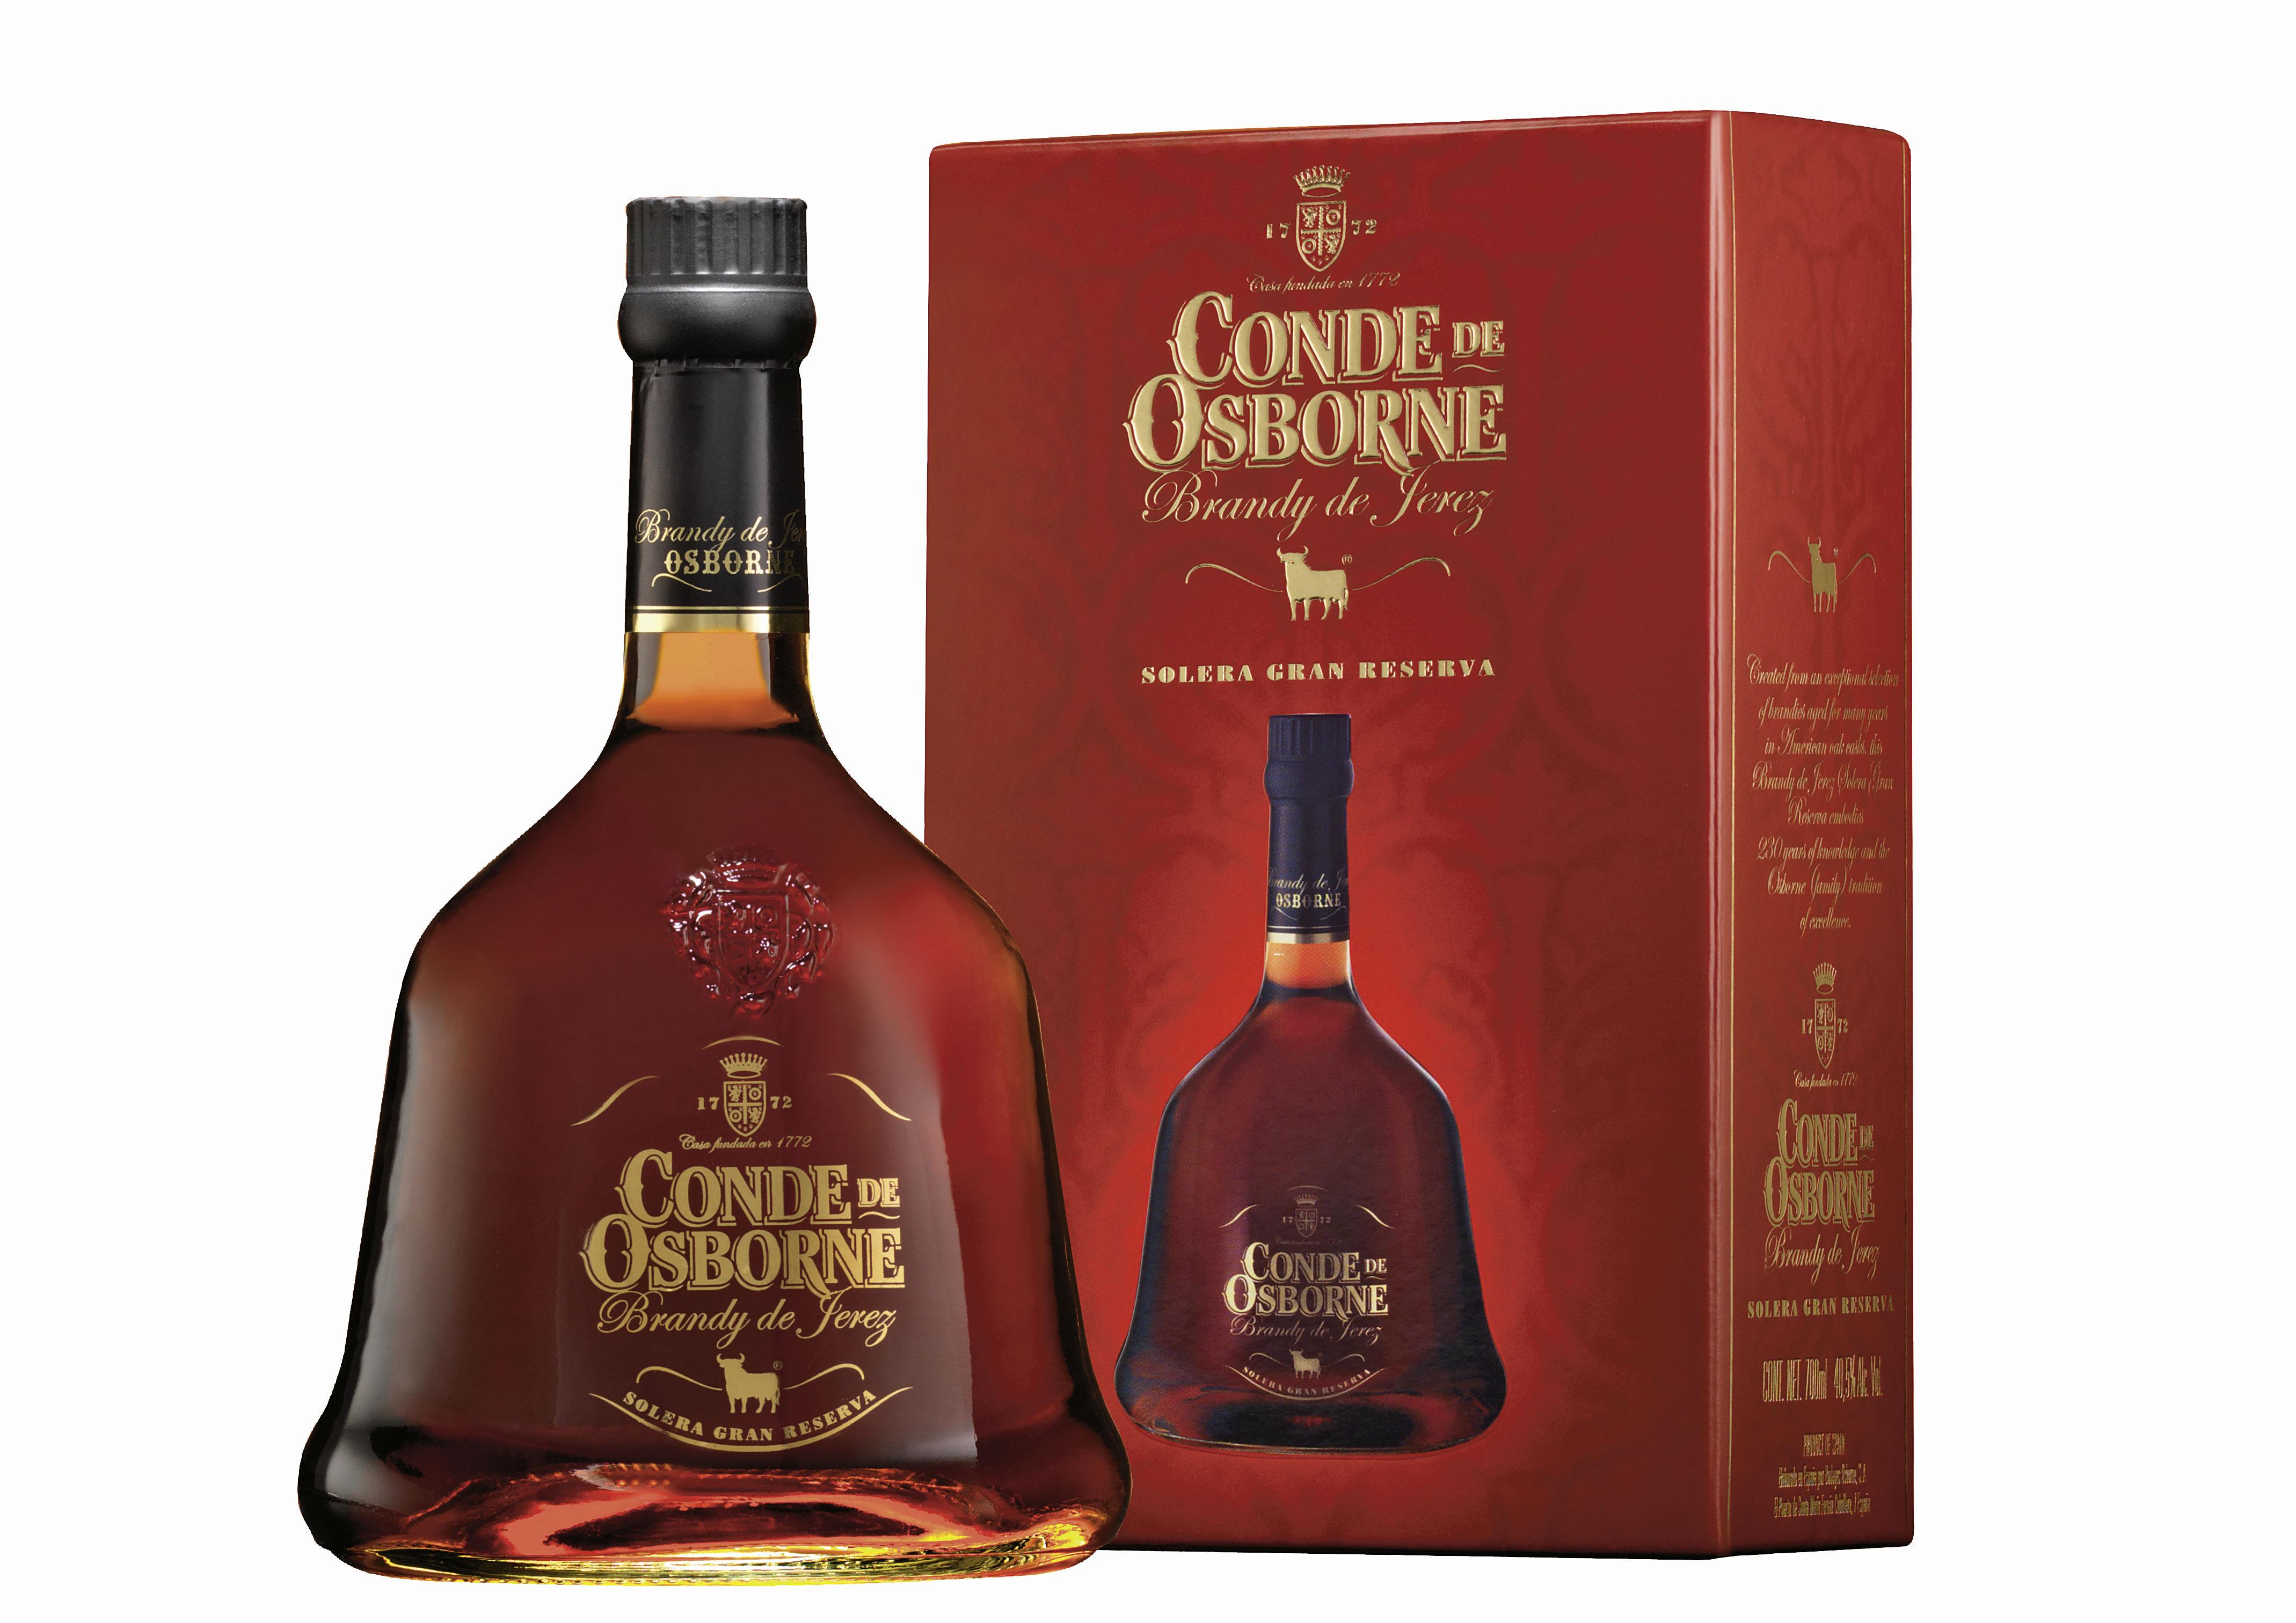 Conde de Osborne Cristal 40,5% vol in edler Geschenkverpackung